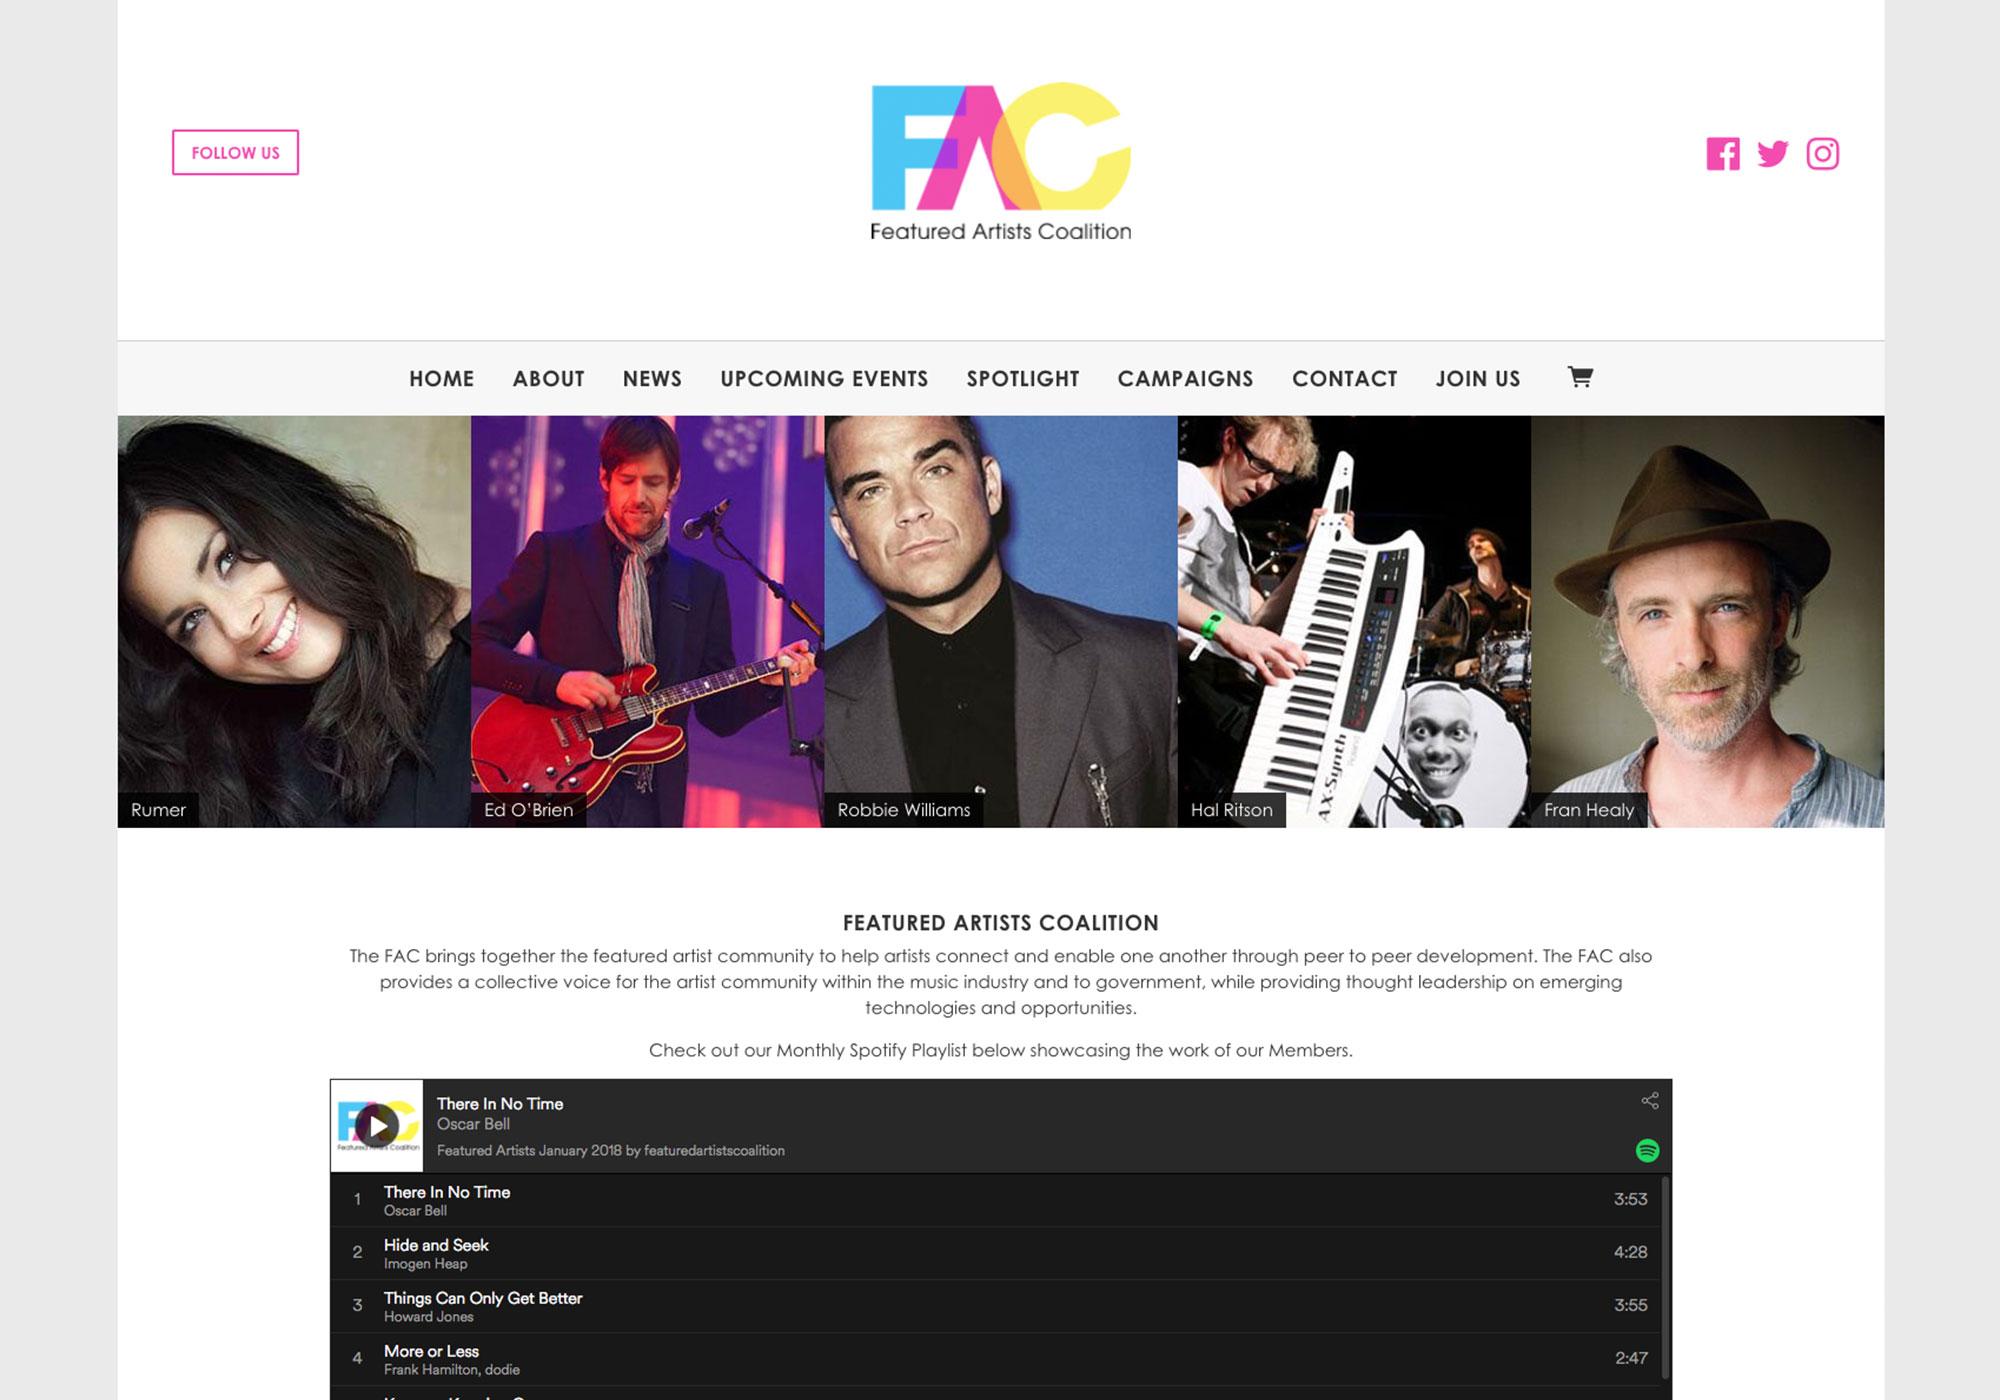 Fairness Rocks News FEATURED ARTISTS COALITION